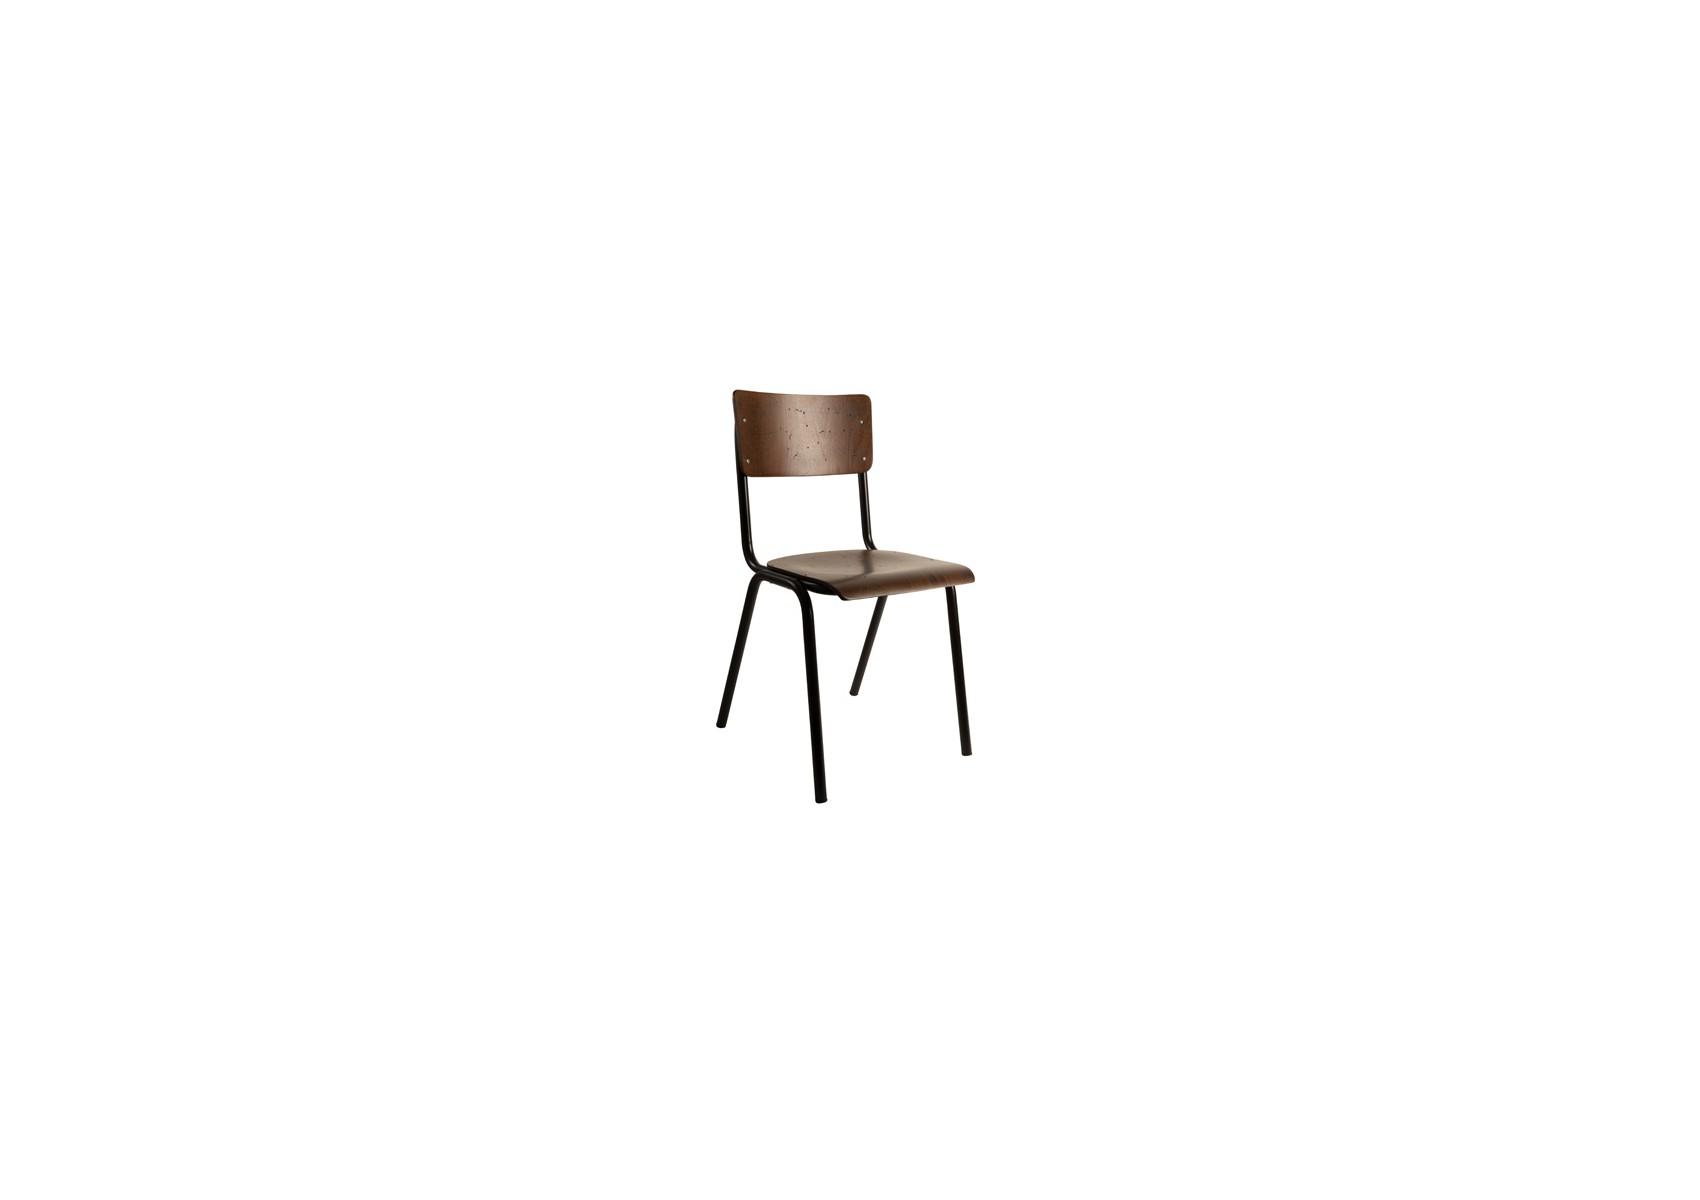 chaise d 39 colier design de la collection scuola de chez dutch bone. Black Bedroom Furniture Sets. Home Design Ideas